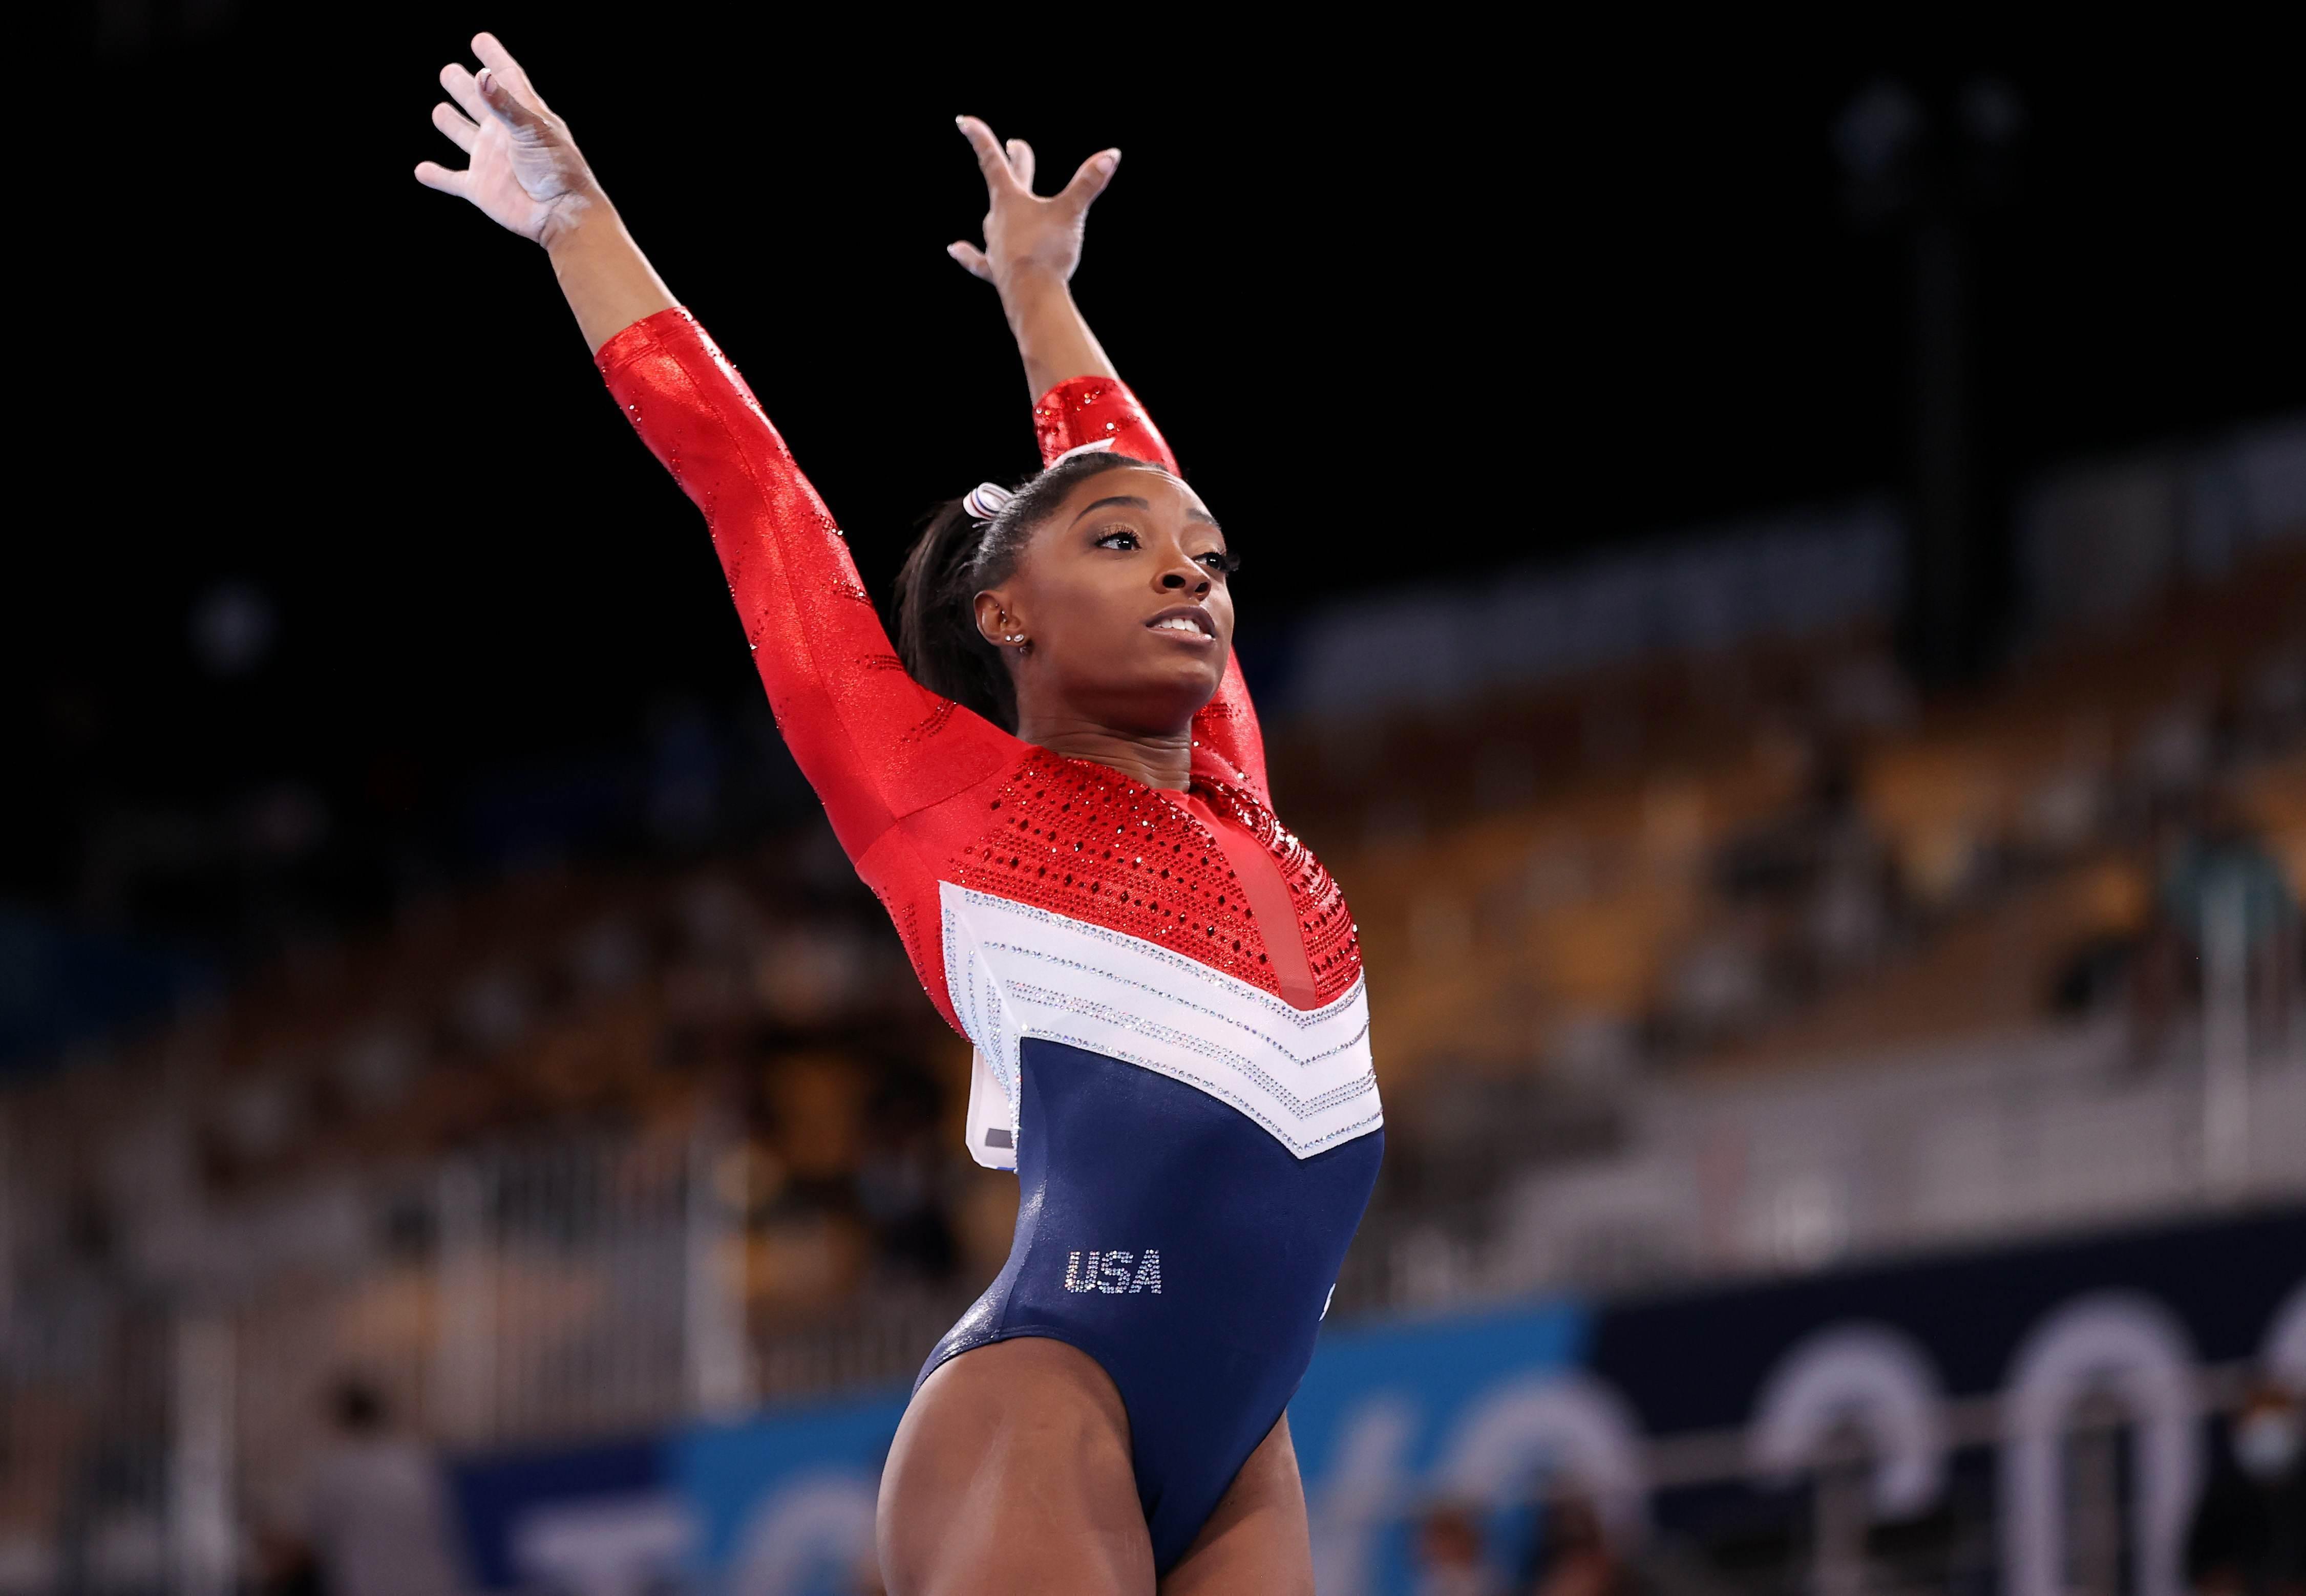 Ginasta dos EUA Simone Biles com os braços para o alto após finalizar exercício